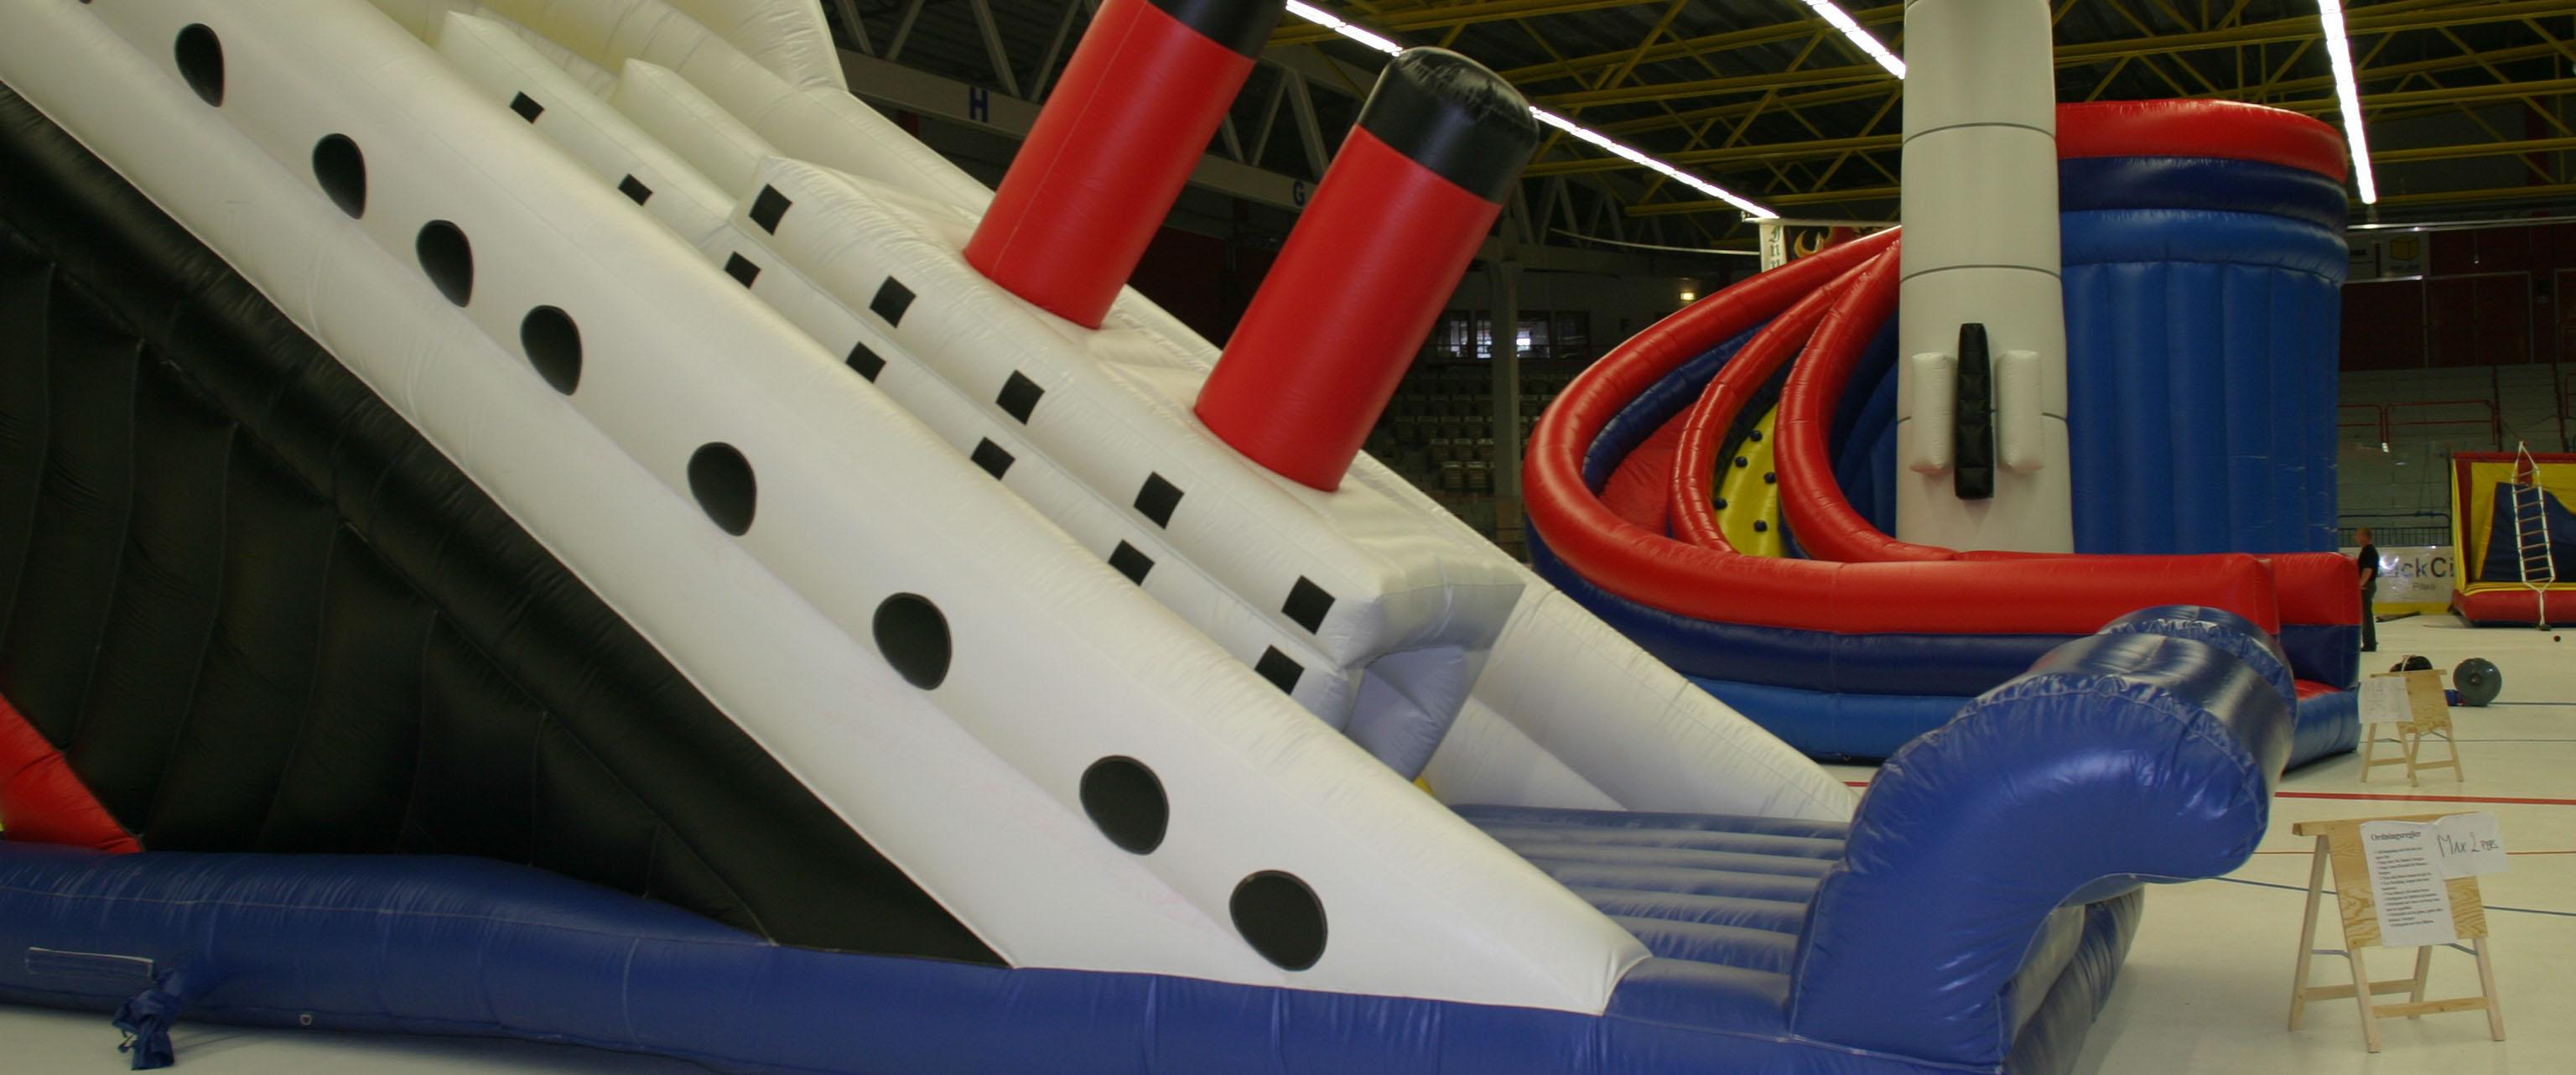 Bouncy ship